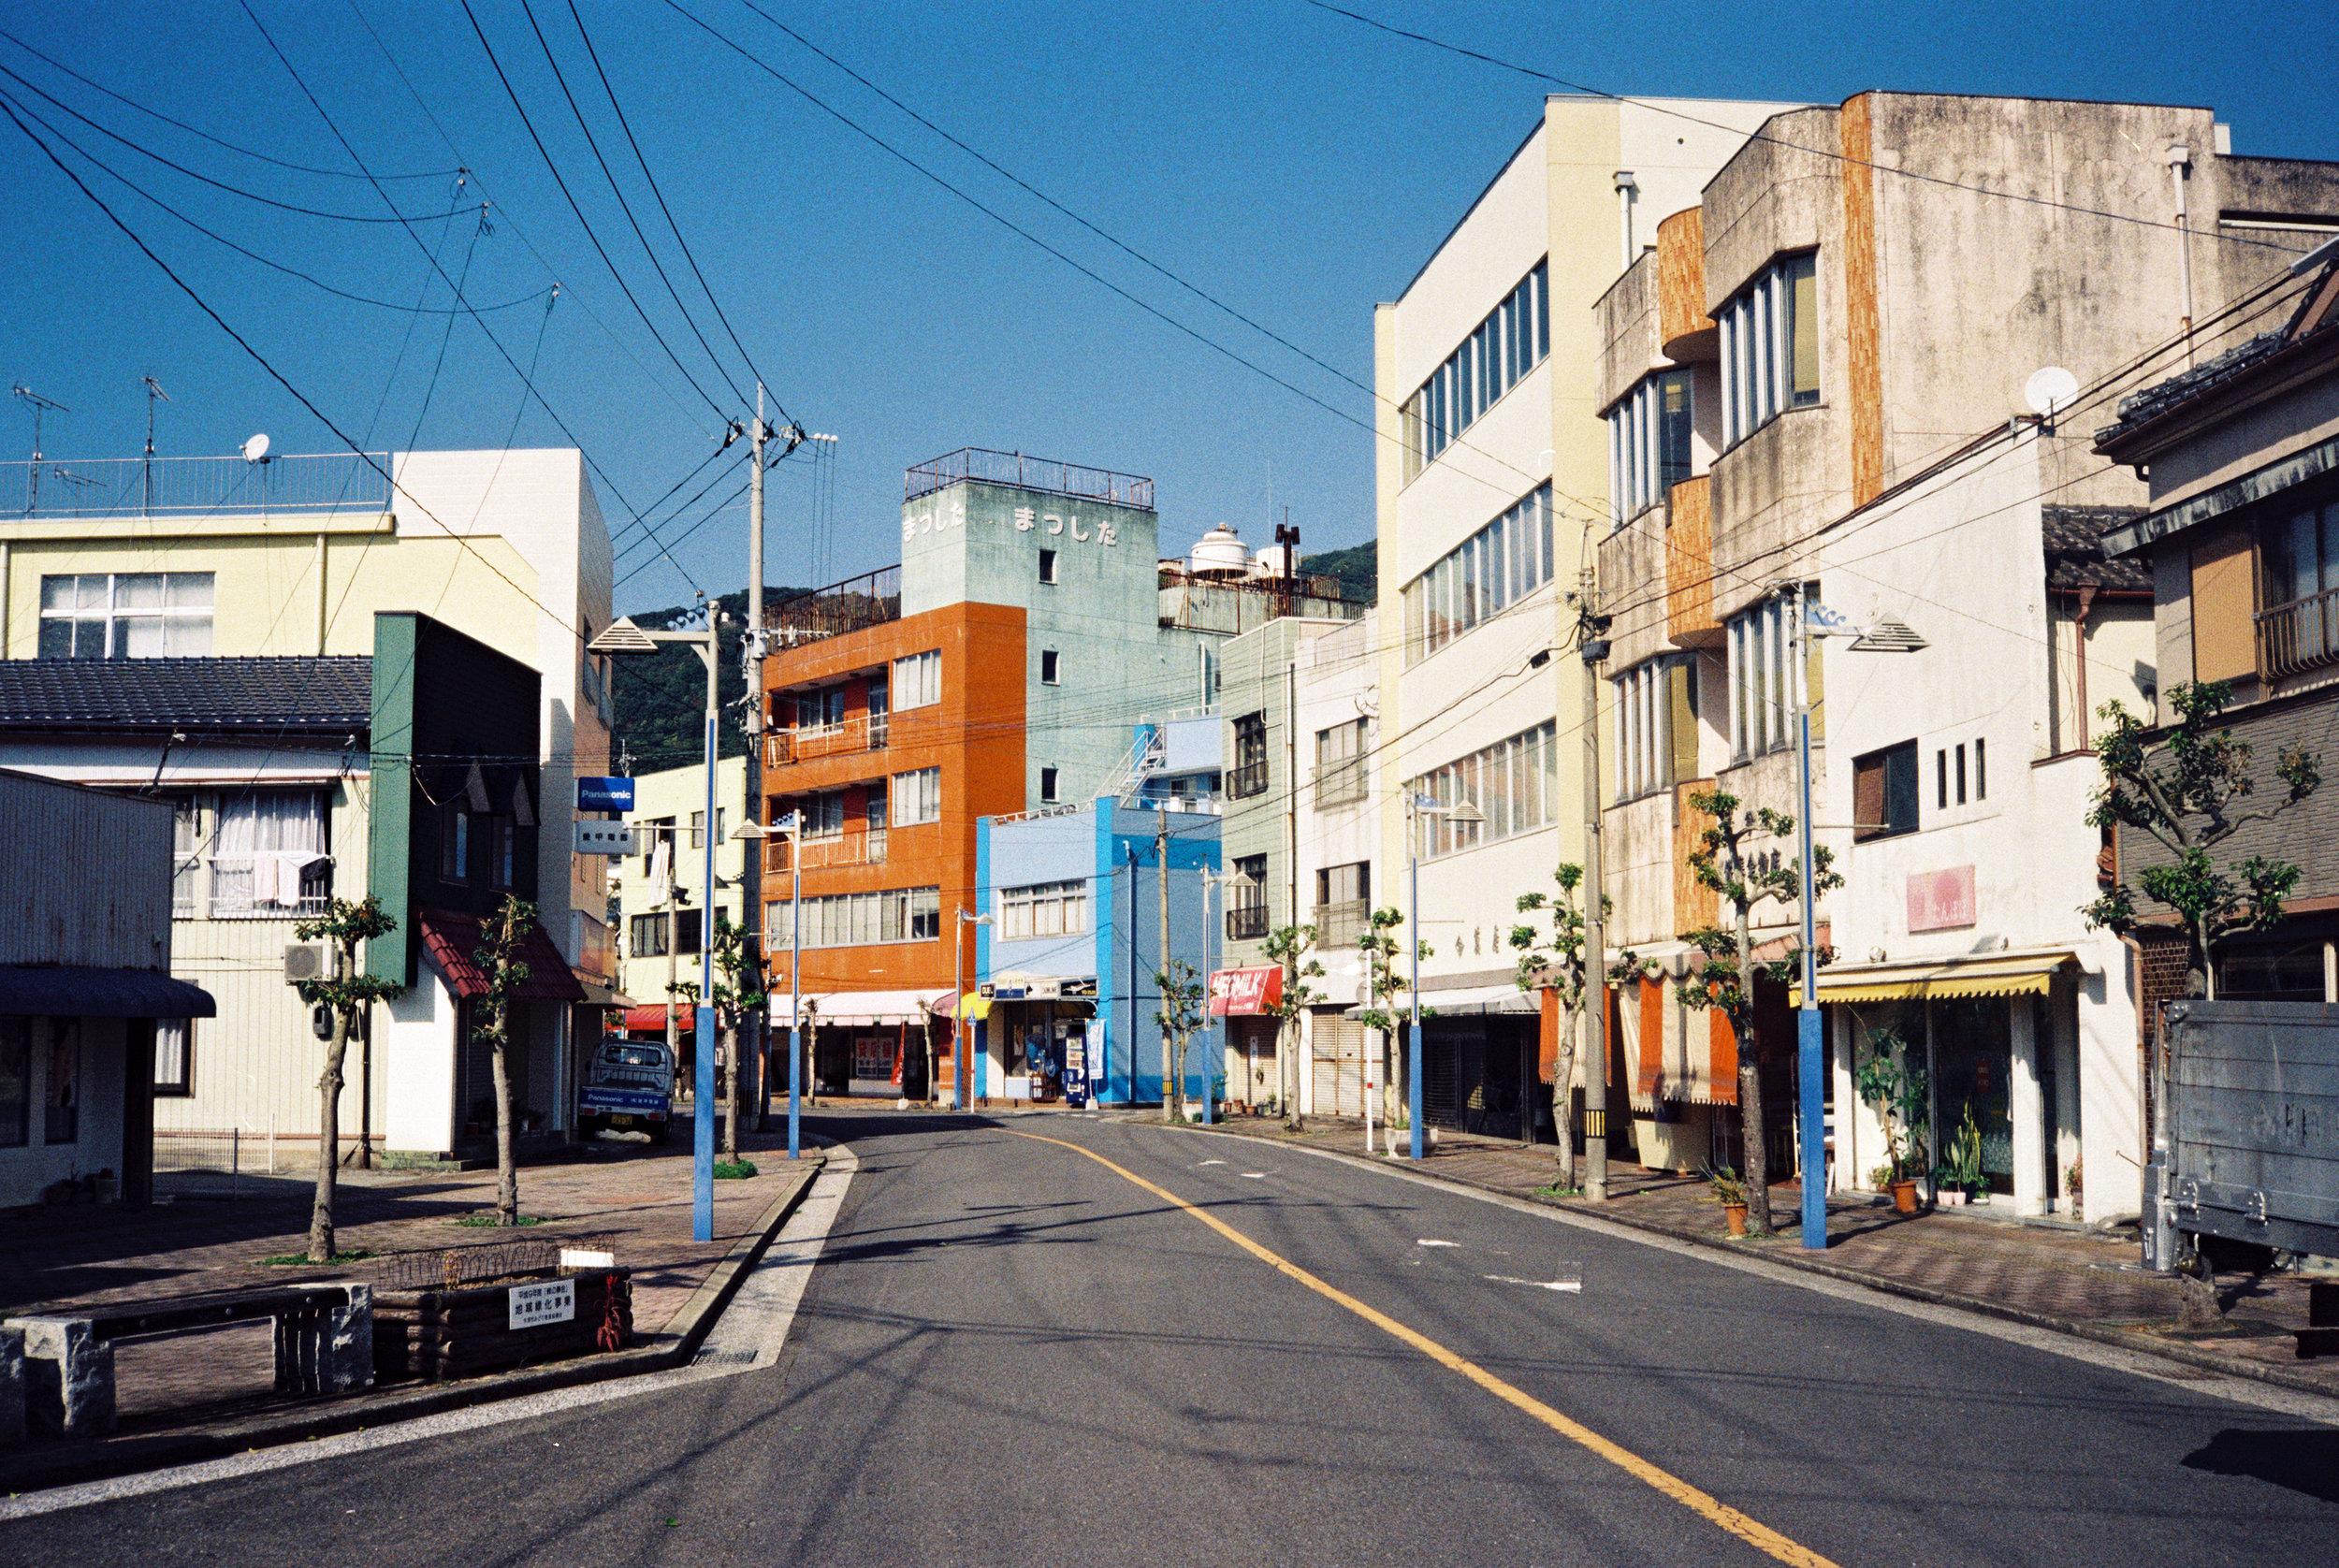 Ushibuka Bus Stop | 牛深バス停